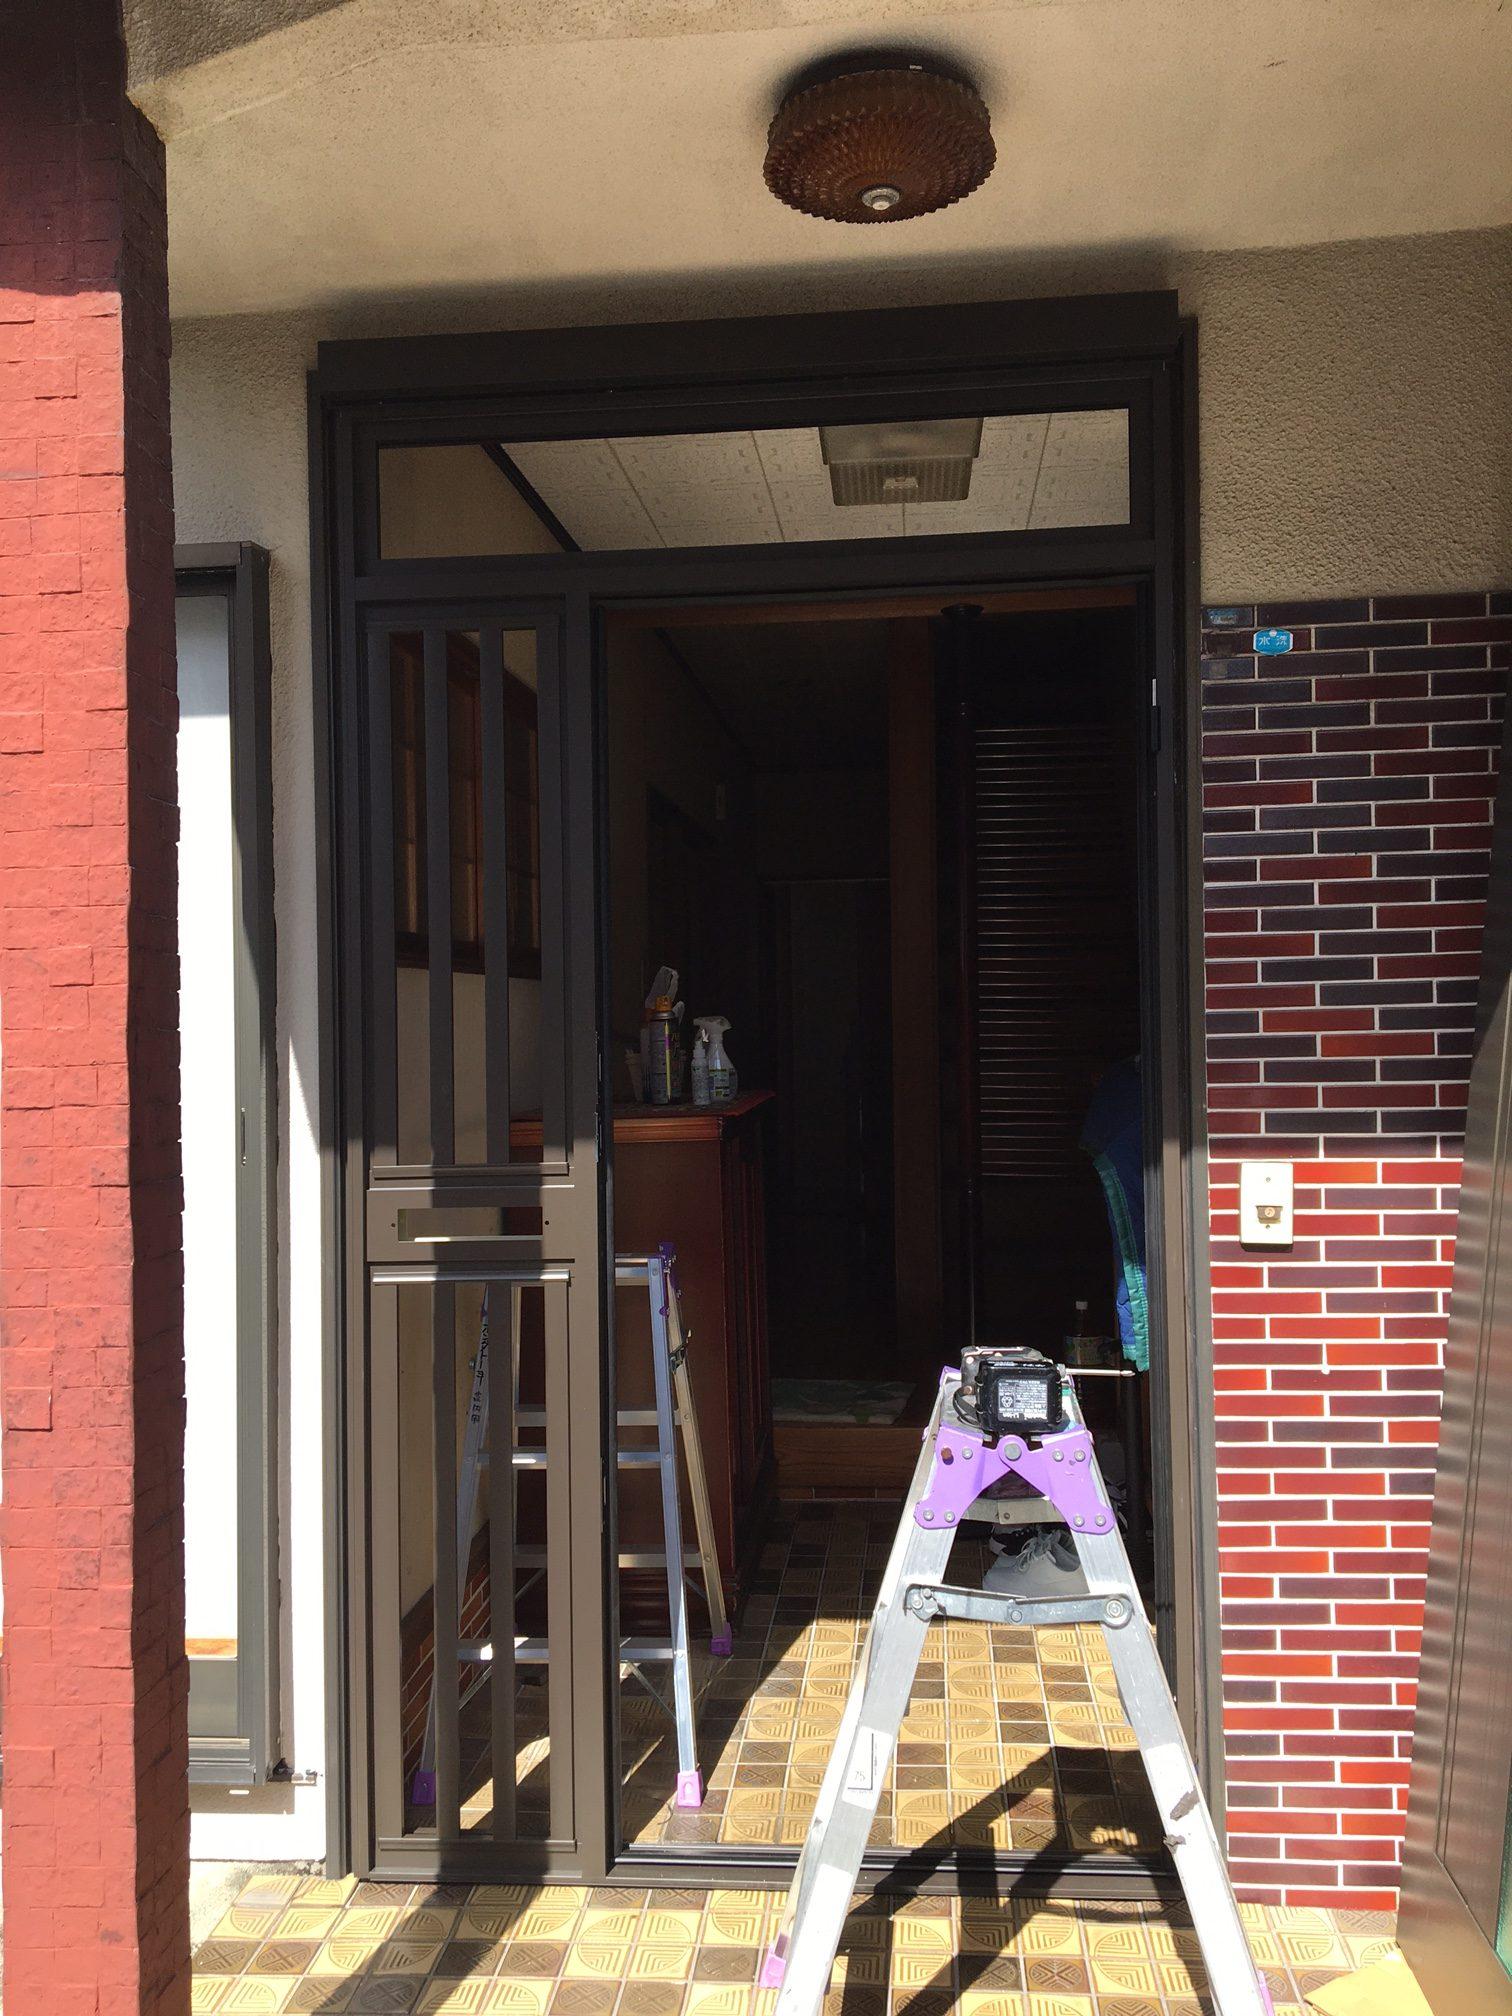 愛知県大府市の戸建住宅にて、玄関ドア取替工事を行いました。(LIXIL リシェント)【窓香房】